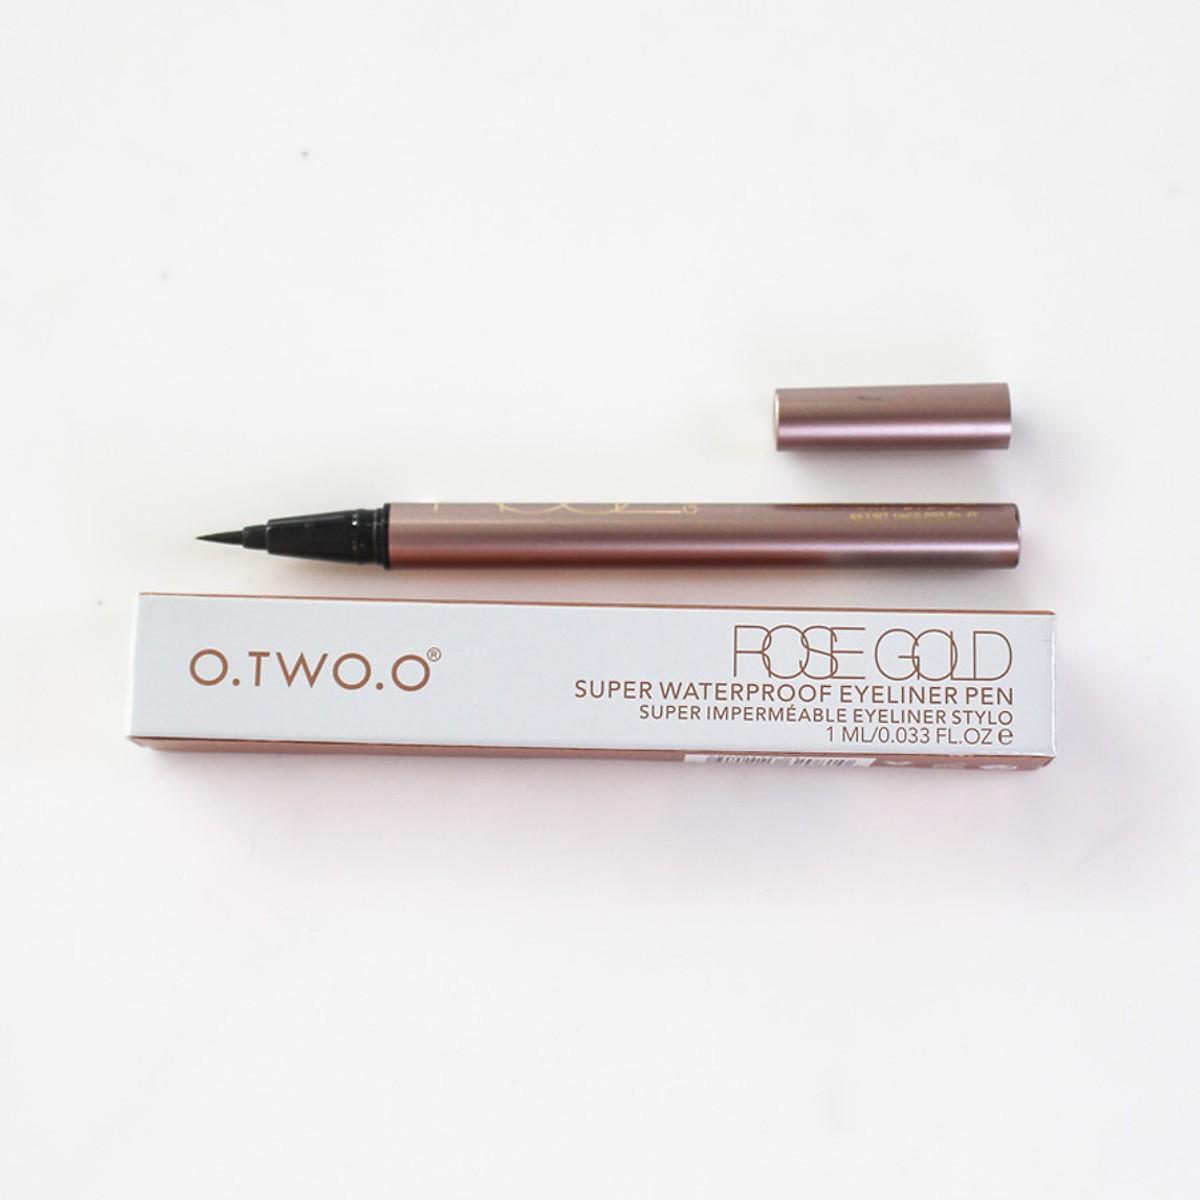 Bút Eyeliner O.TWO.O Rose Gold Super Waterproof Eyeliner Pen Đang Ưu Đãi Cực Đã